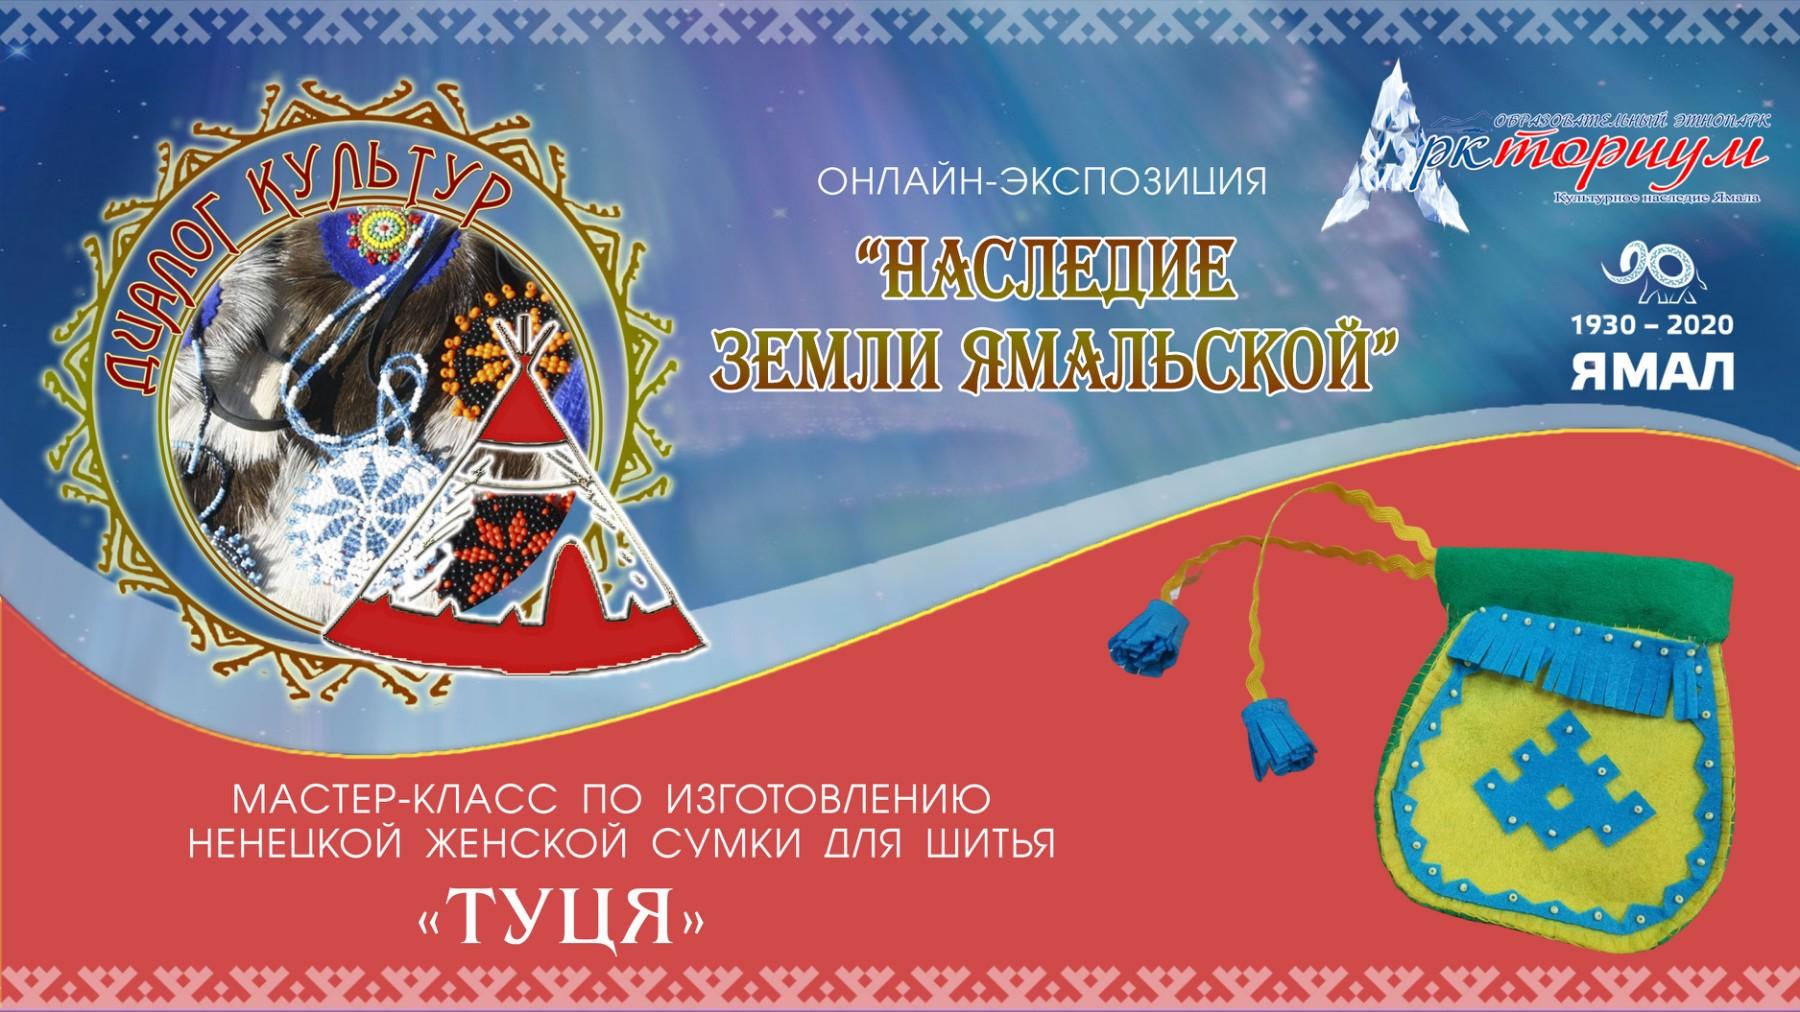 Тематическая площадка «Диалог культур». Мастер-класс по изготовлению ненецкой женской сумки для шитья «Туця»